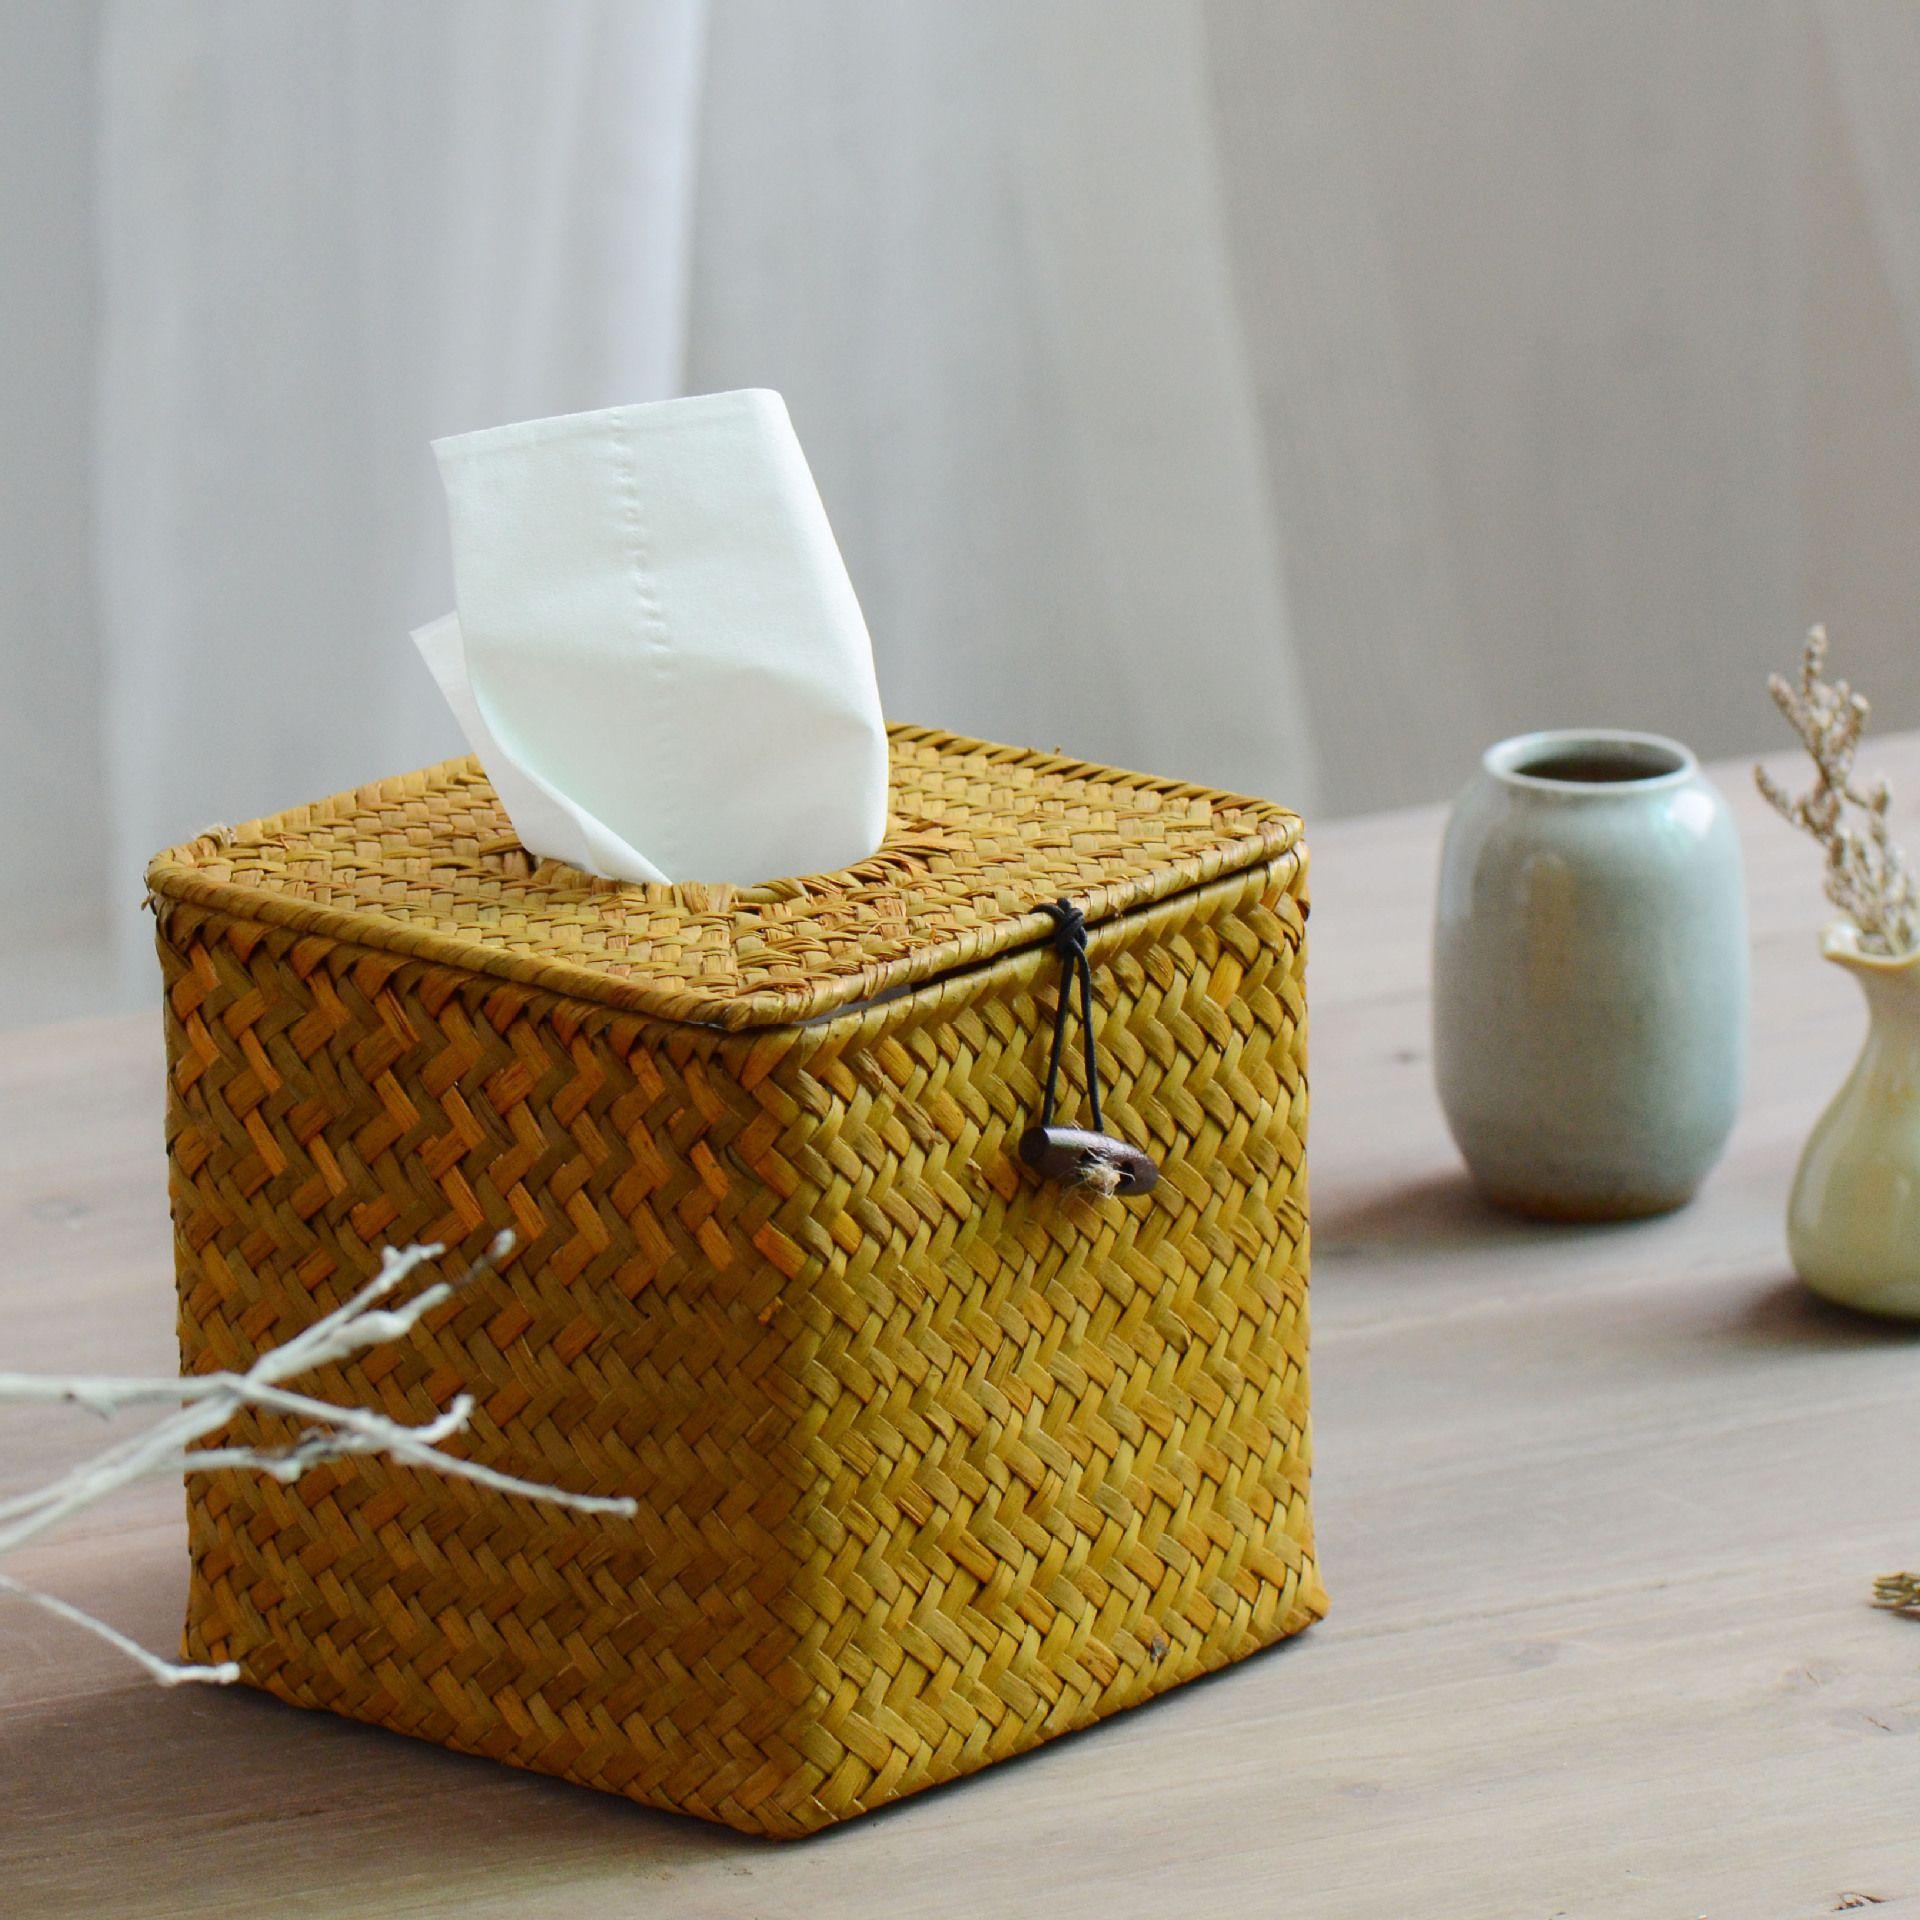 Wholesale  Pastoral Style Straw Tissue Box Ornament Storage Box Retro Rattan  Home Decorative Accessories Box Wine Accessories Accessories Box Box Lock  ...